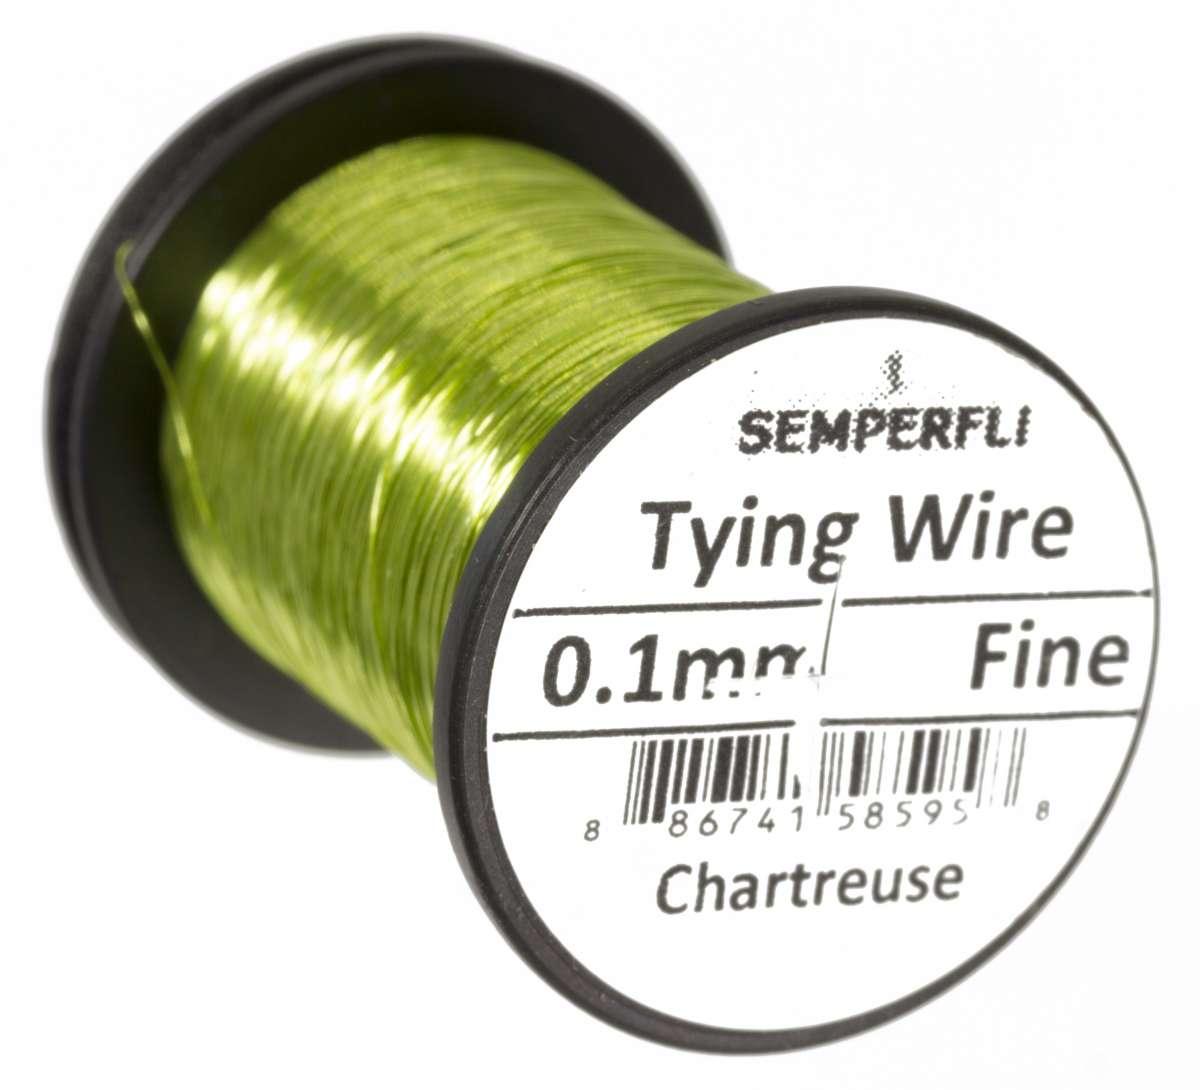 finewire chatreuse